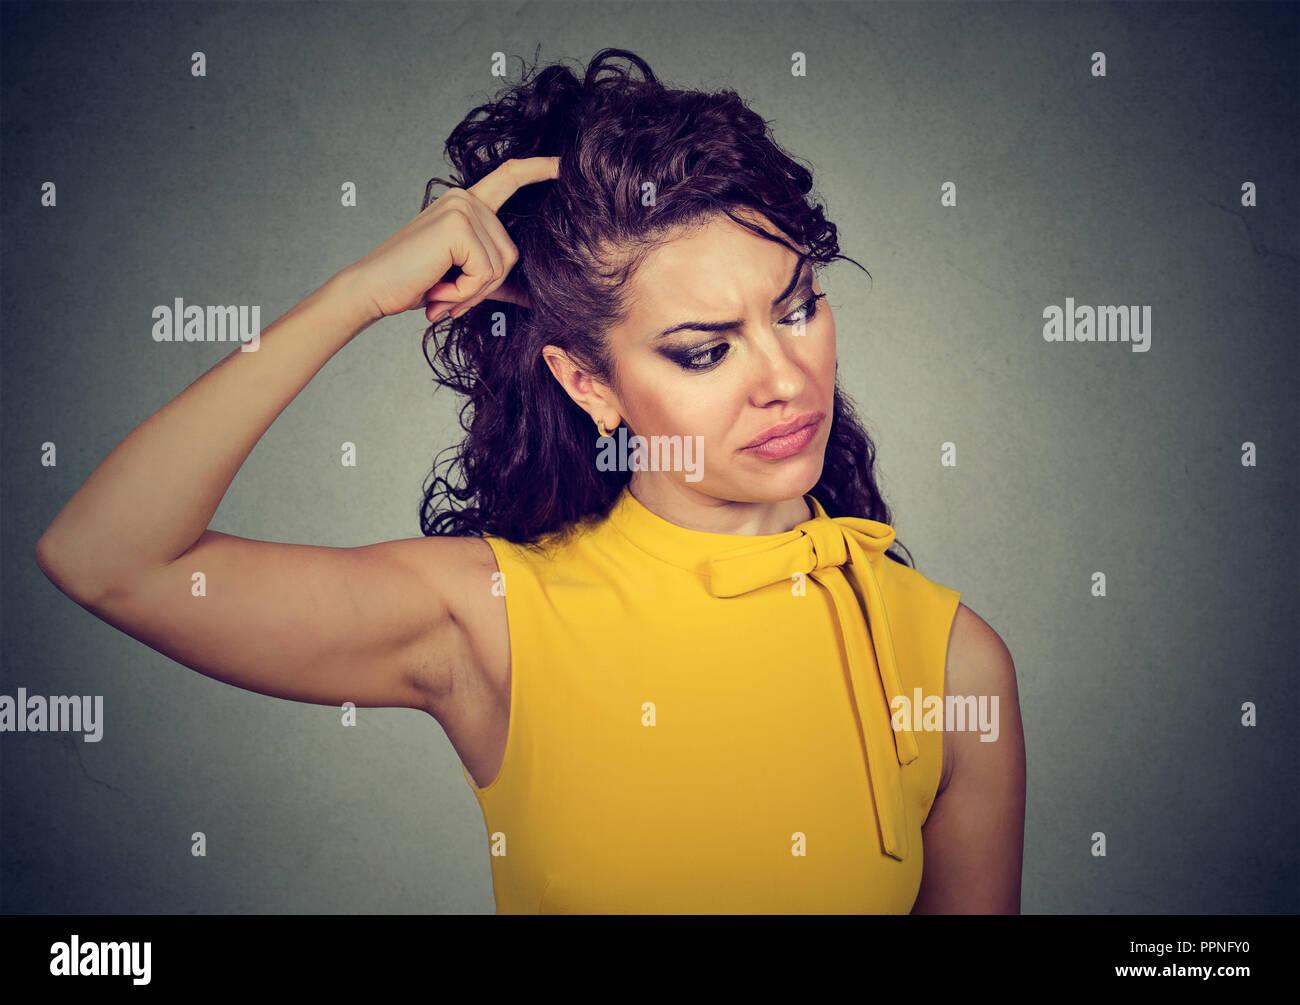 Desconcertado joven morenita mujer de vestido amarillo rascarse la cabeza en perplejidad mirando lejos Imagen De Stock